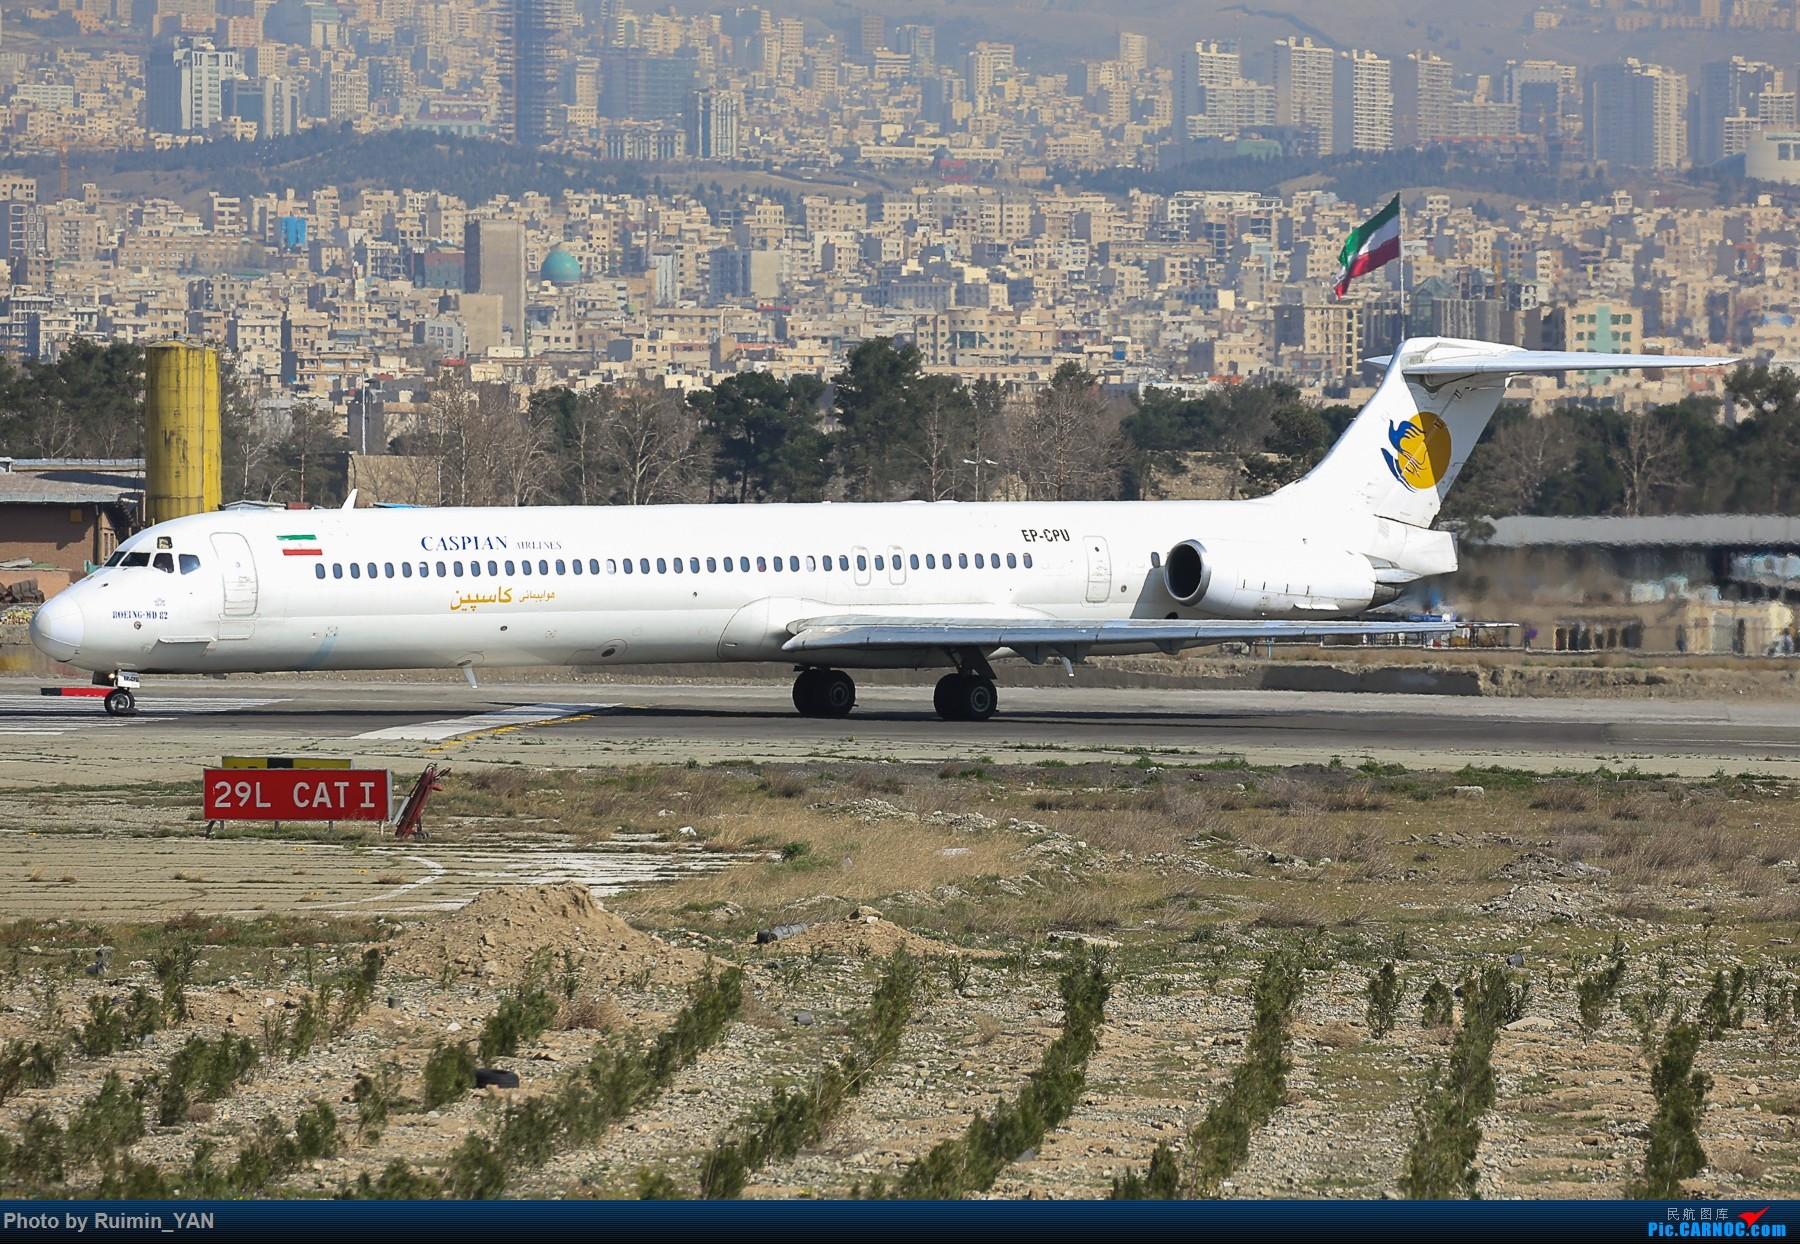 [原创]【THR】(德黑兰梅赫拉巴德机场)里海航空(Caspian Airlines,RV)--MD83 MD MD-80-83 EP-AJC 伊朗德黑兰机场